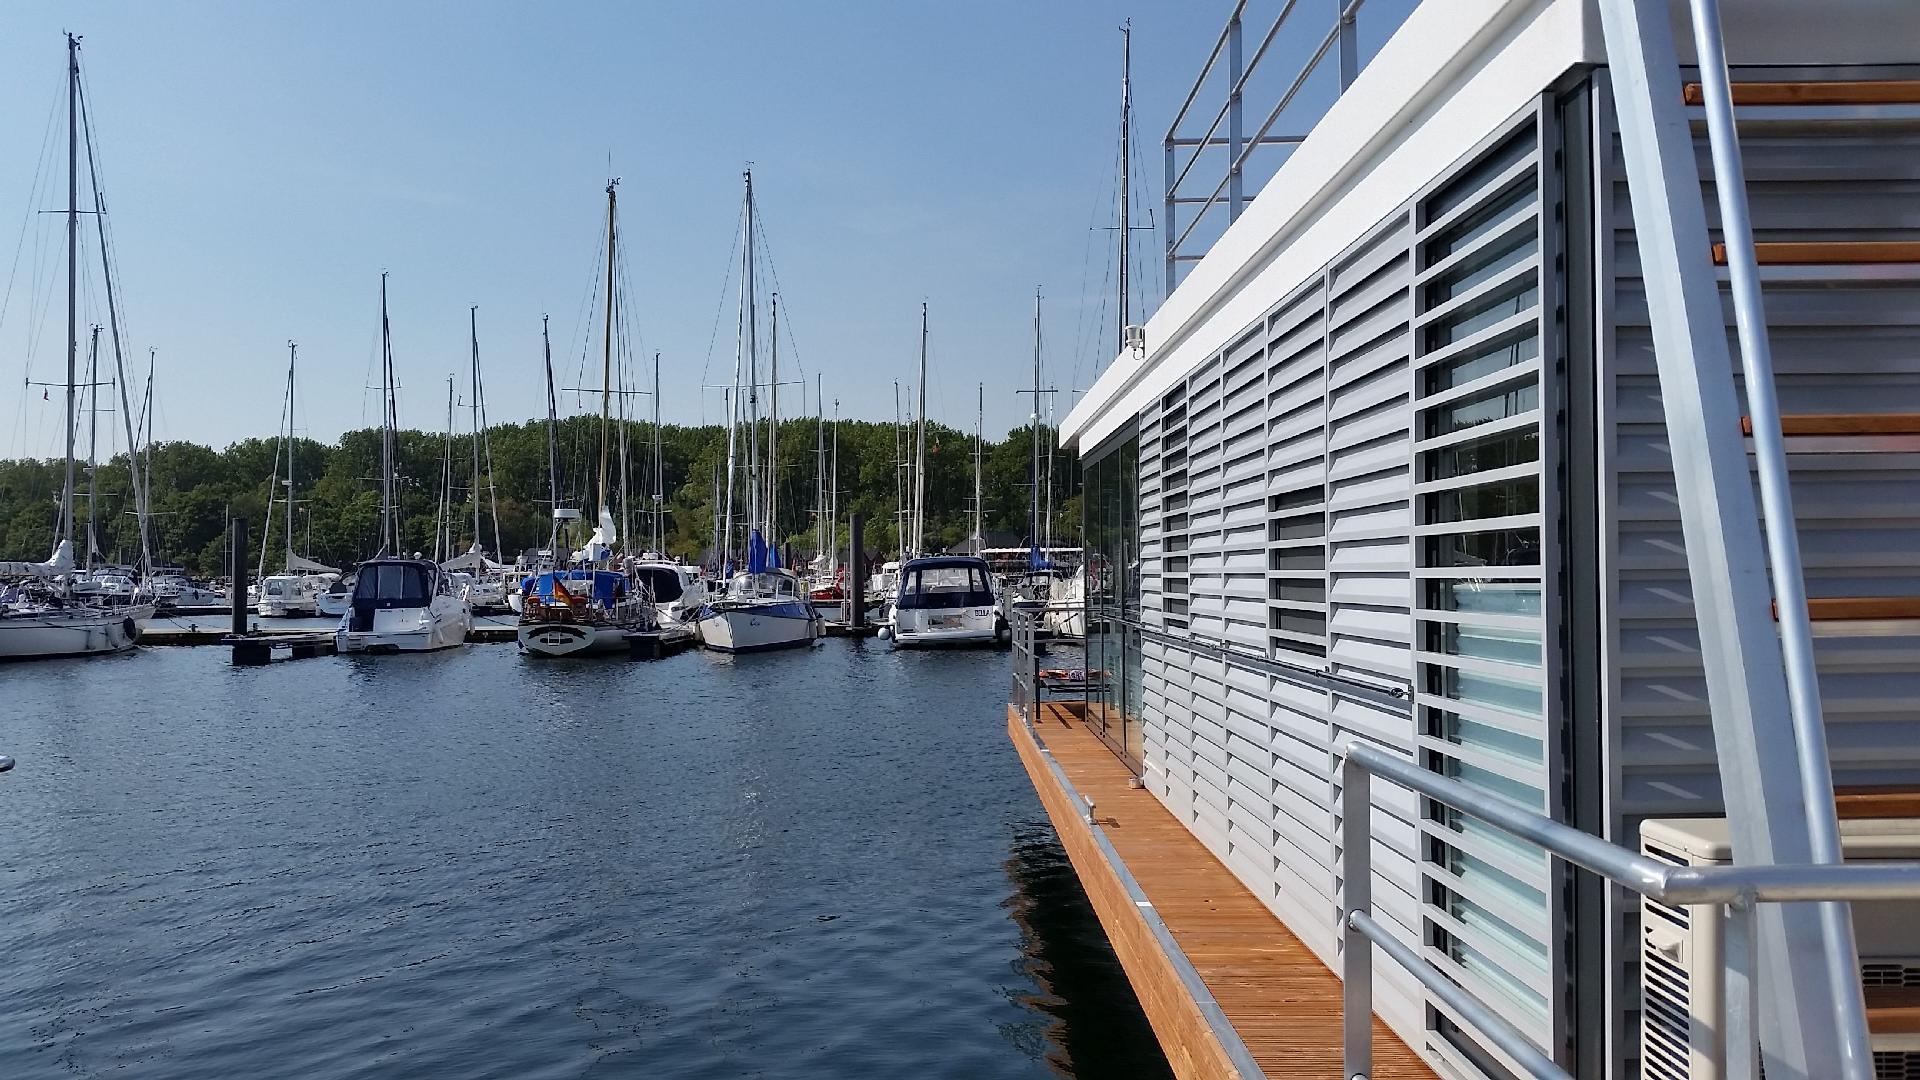 Hausboot/ Schiff für 6 Personen ca. 44 m² Boot in Deutschland